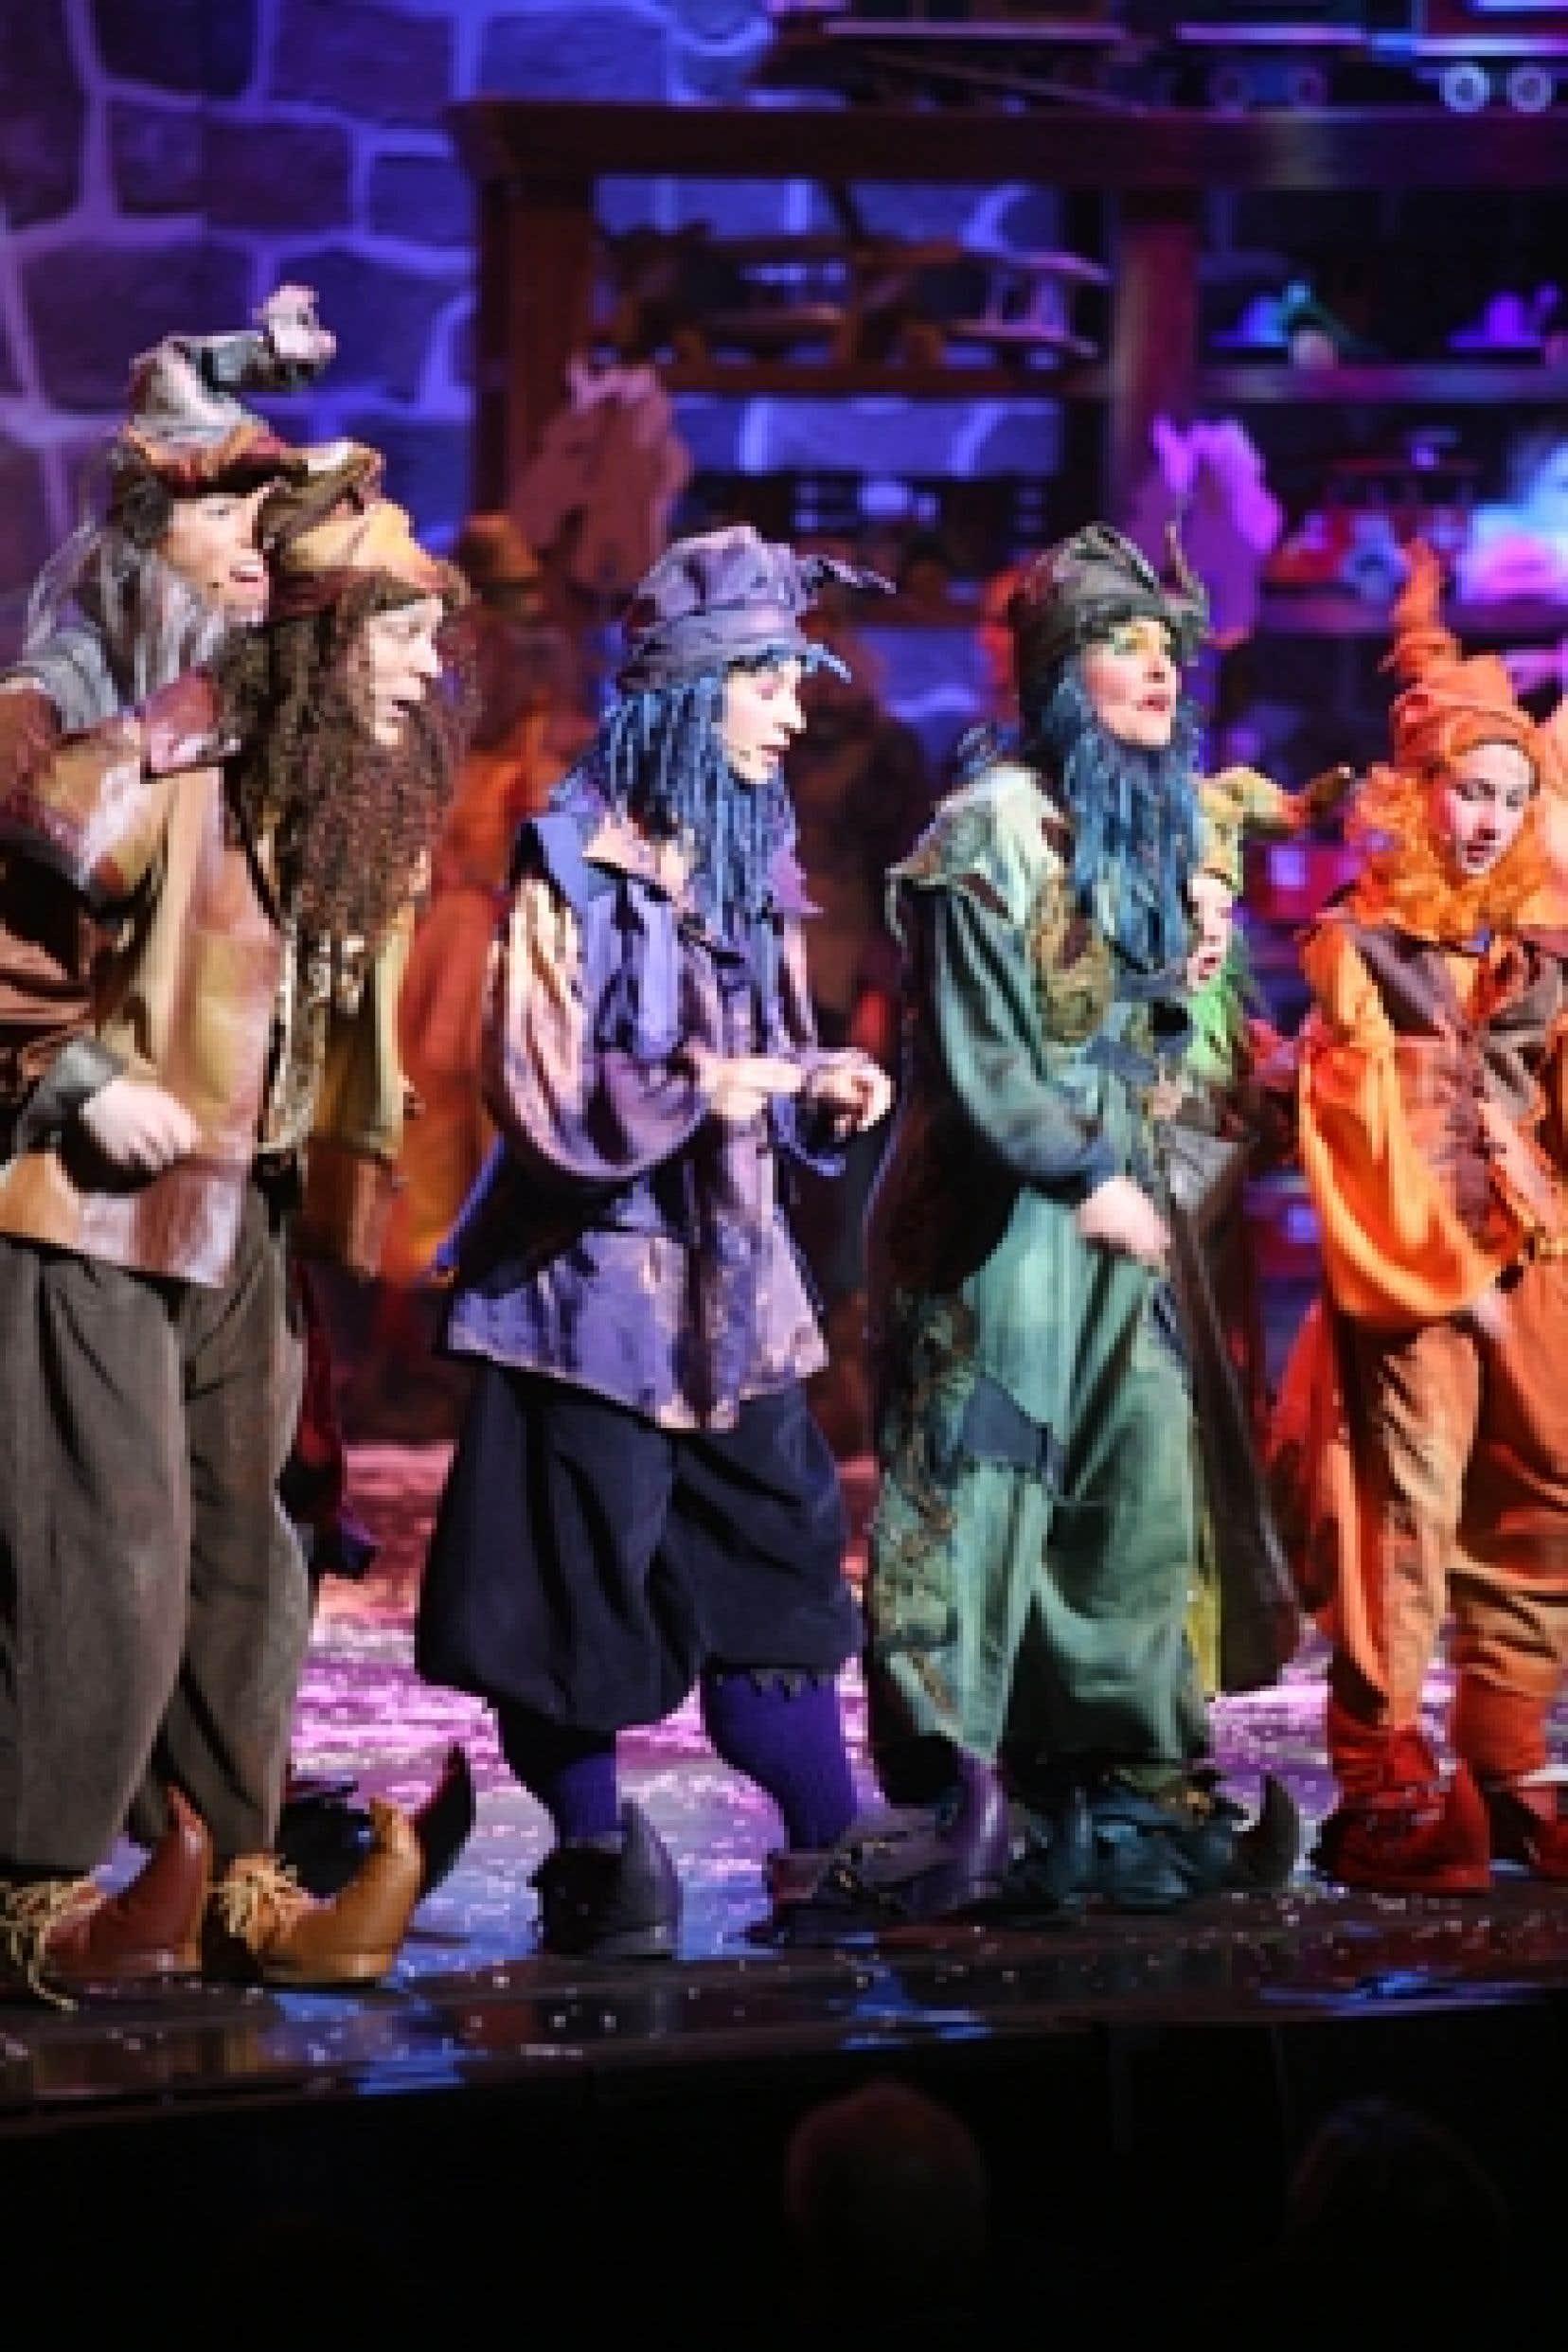 Québec Issime viendra cette année encore faire son tour à Montréal pour Noël avec sa production Décembre.